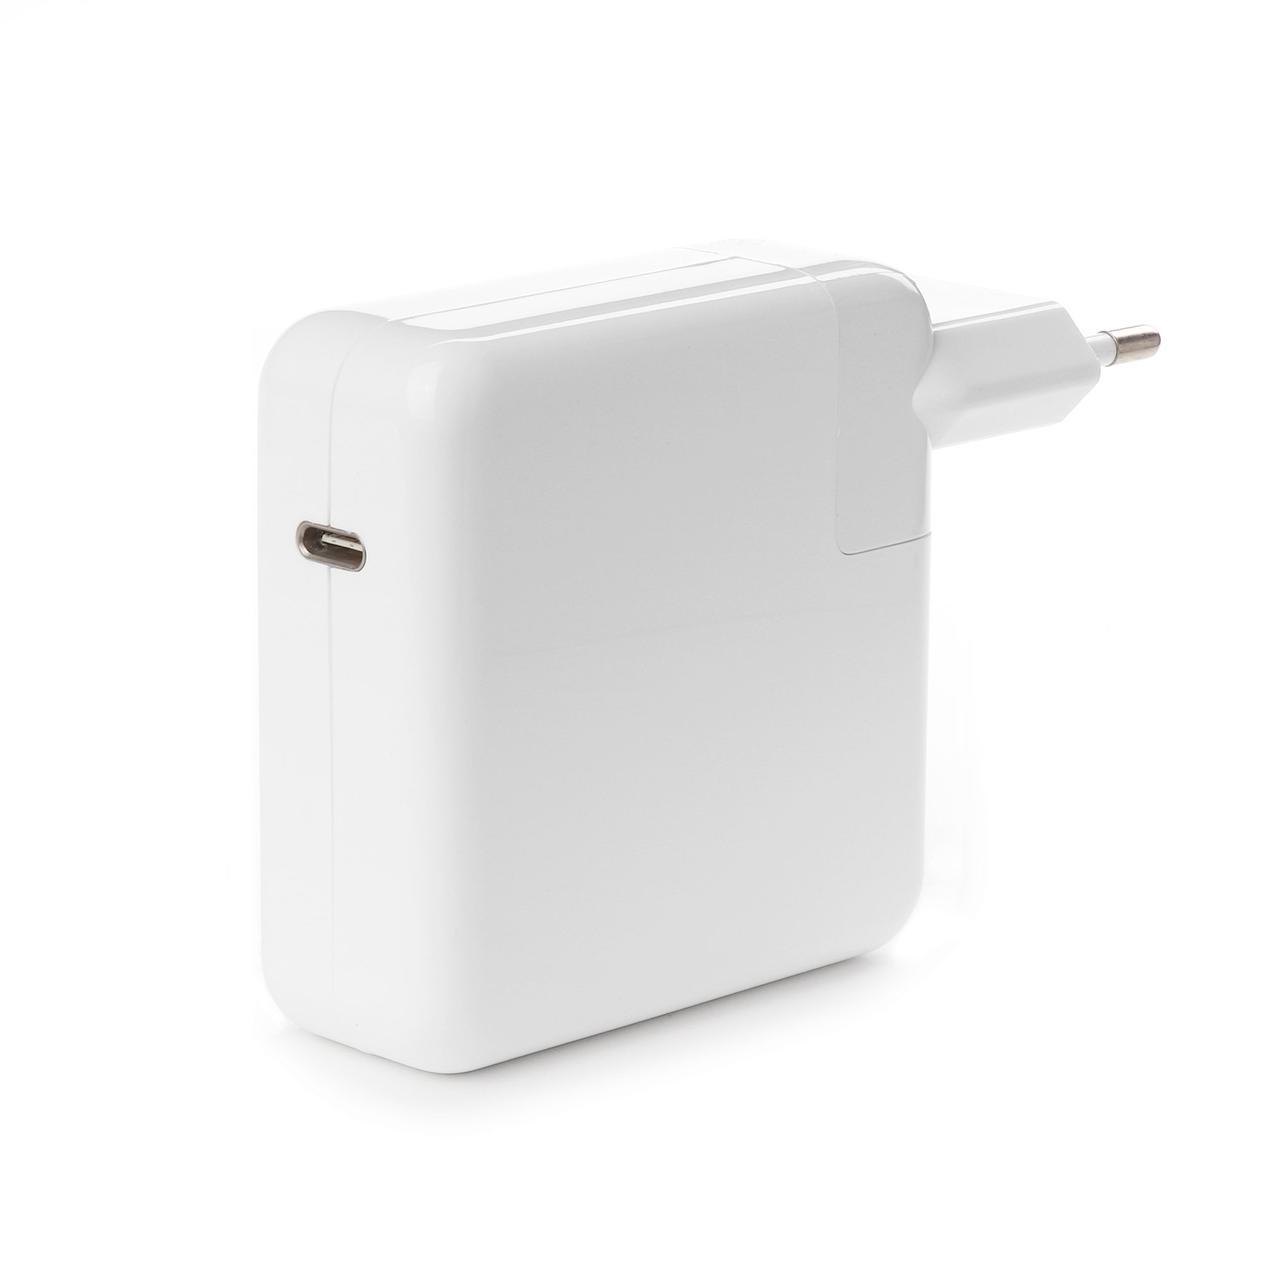 Блок питания универсальный 87W-UTC, USB-C 87W, Power Delivery 3.0, Quick Charge 3.0, Белый